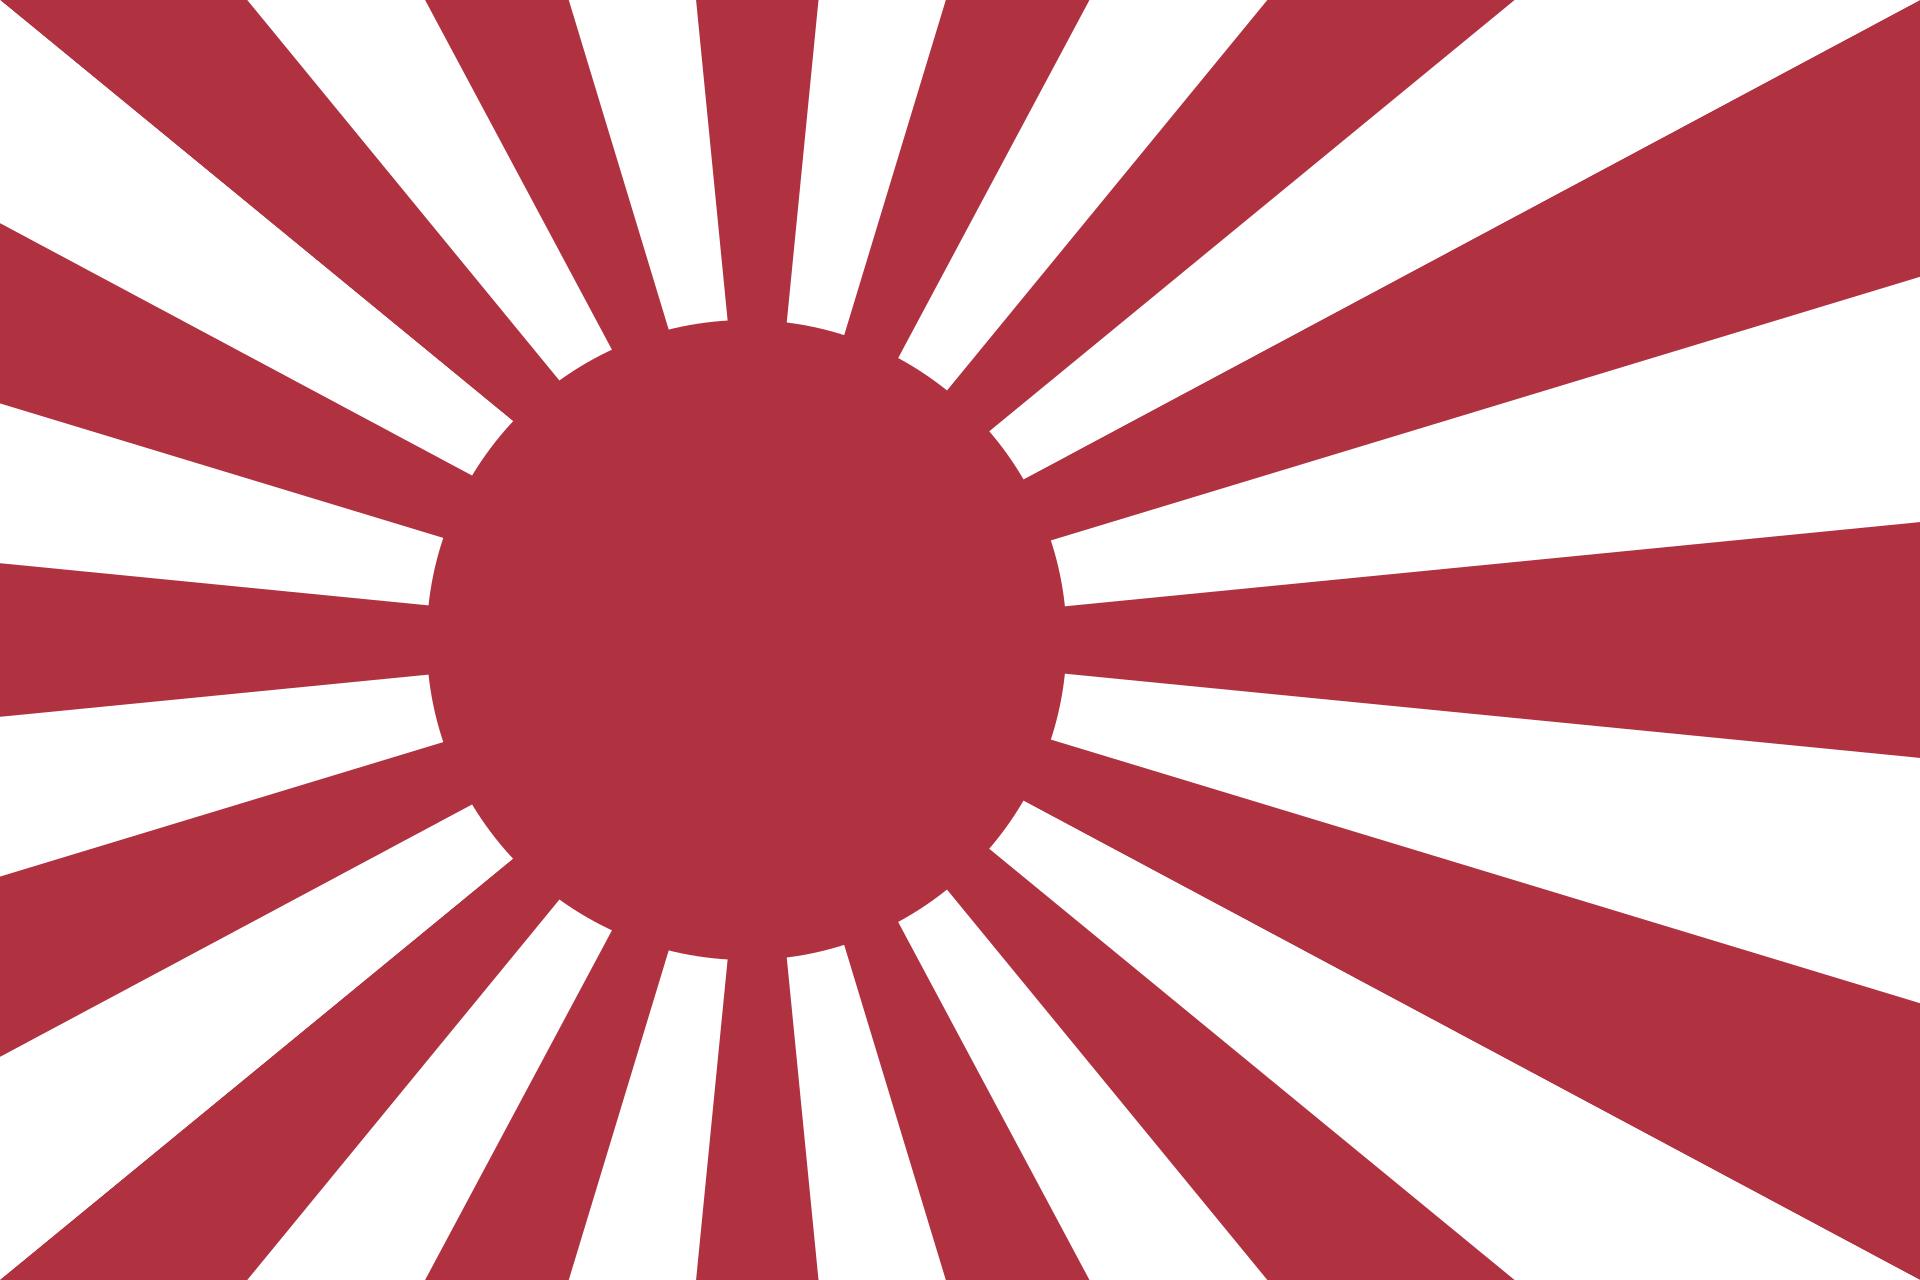 Japan Naval Insignia